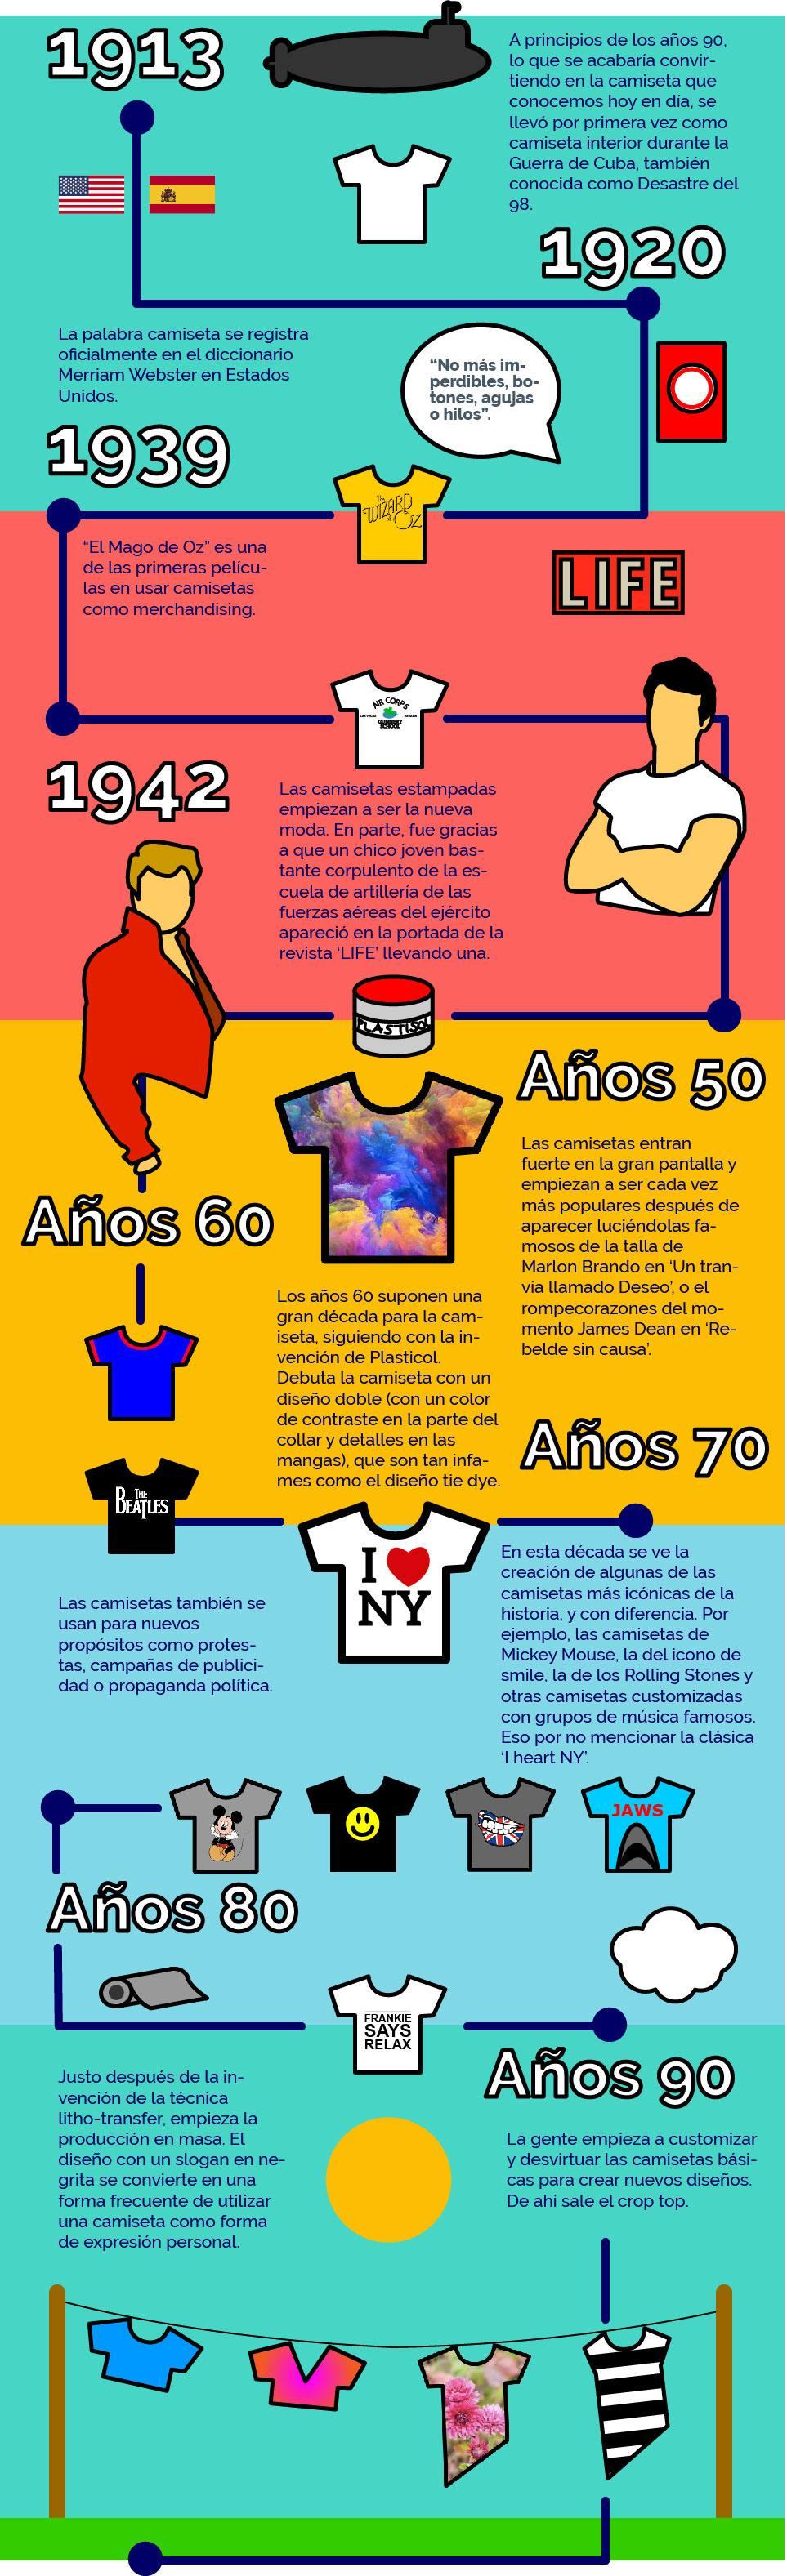 Historia de la camiseta - infografía